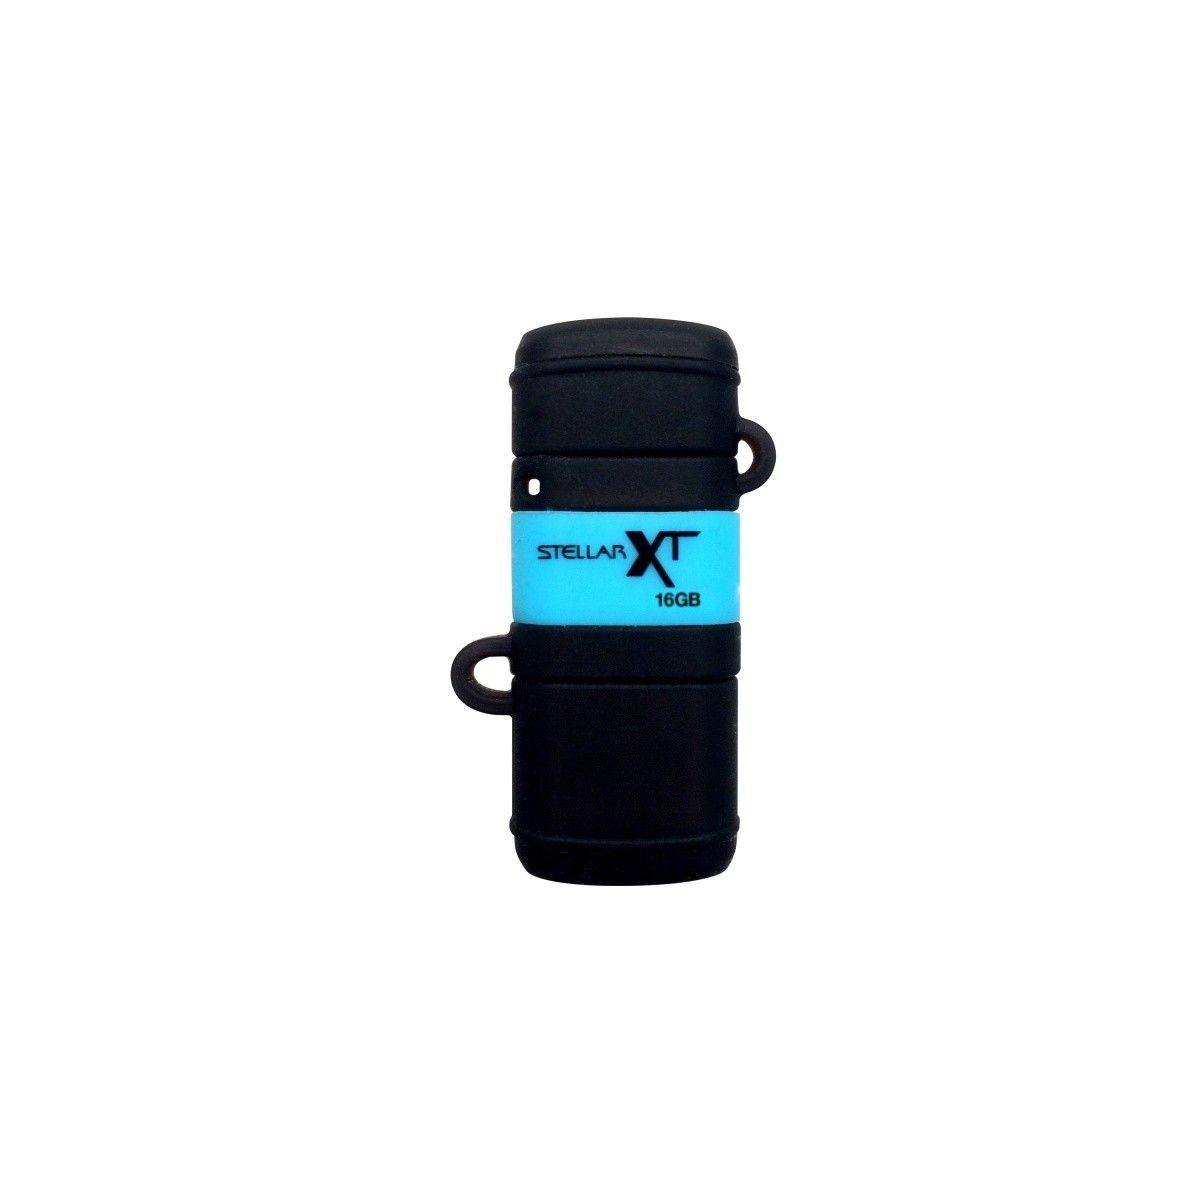 Patriot pamięć USB Stellar Boost XT 16GB, USB3.0, (r/w; 110/10 MB/s)